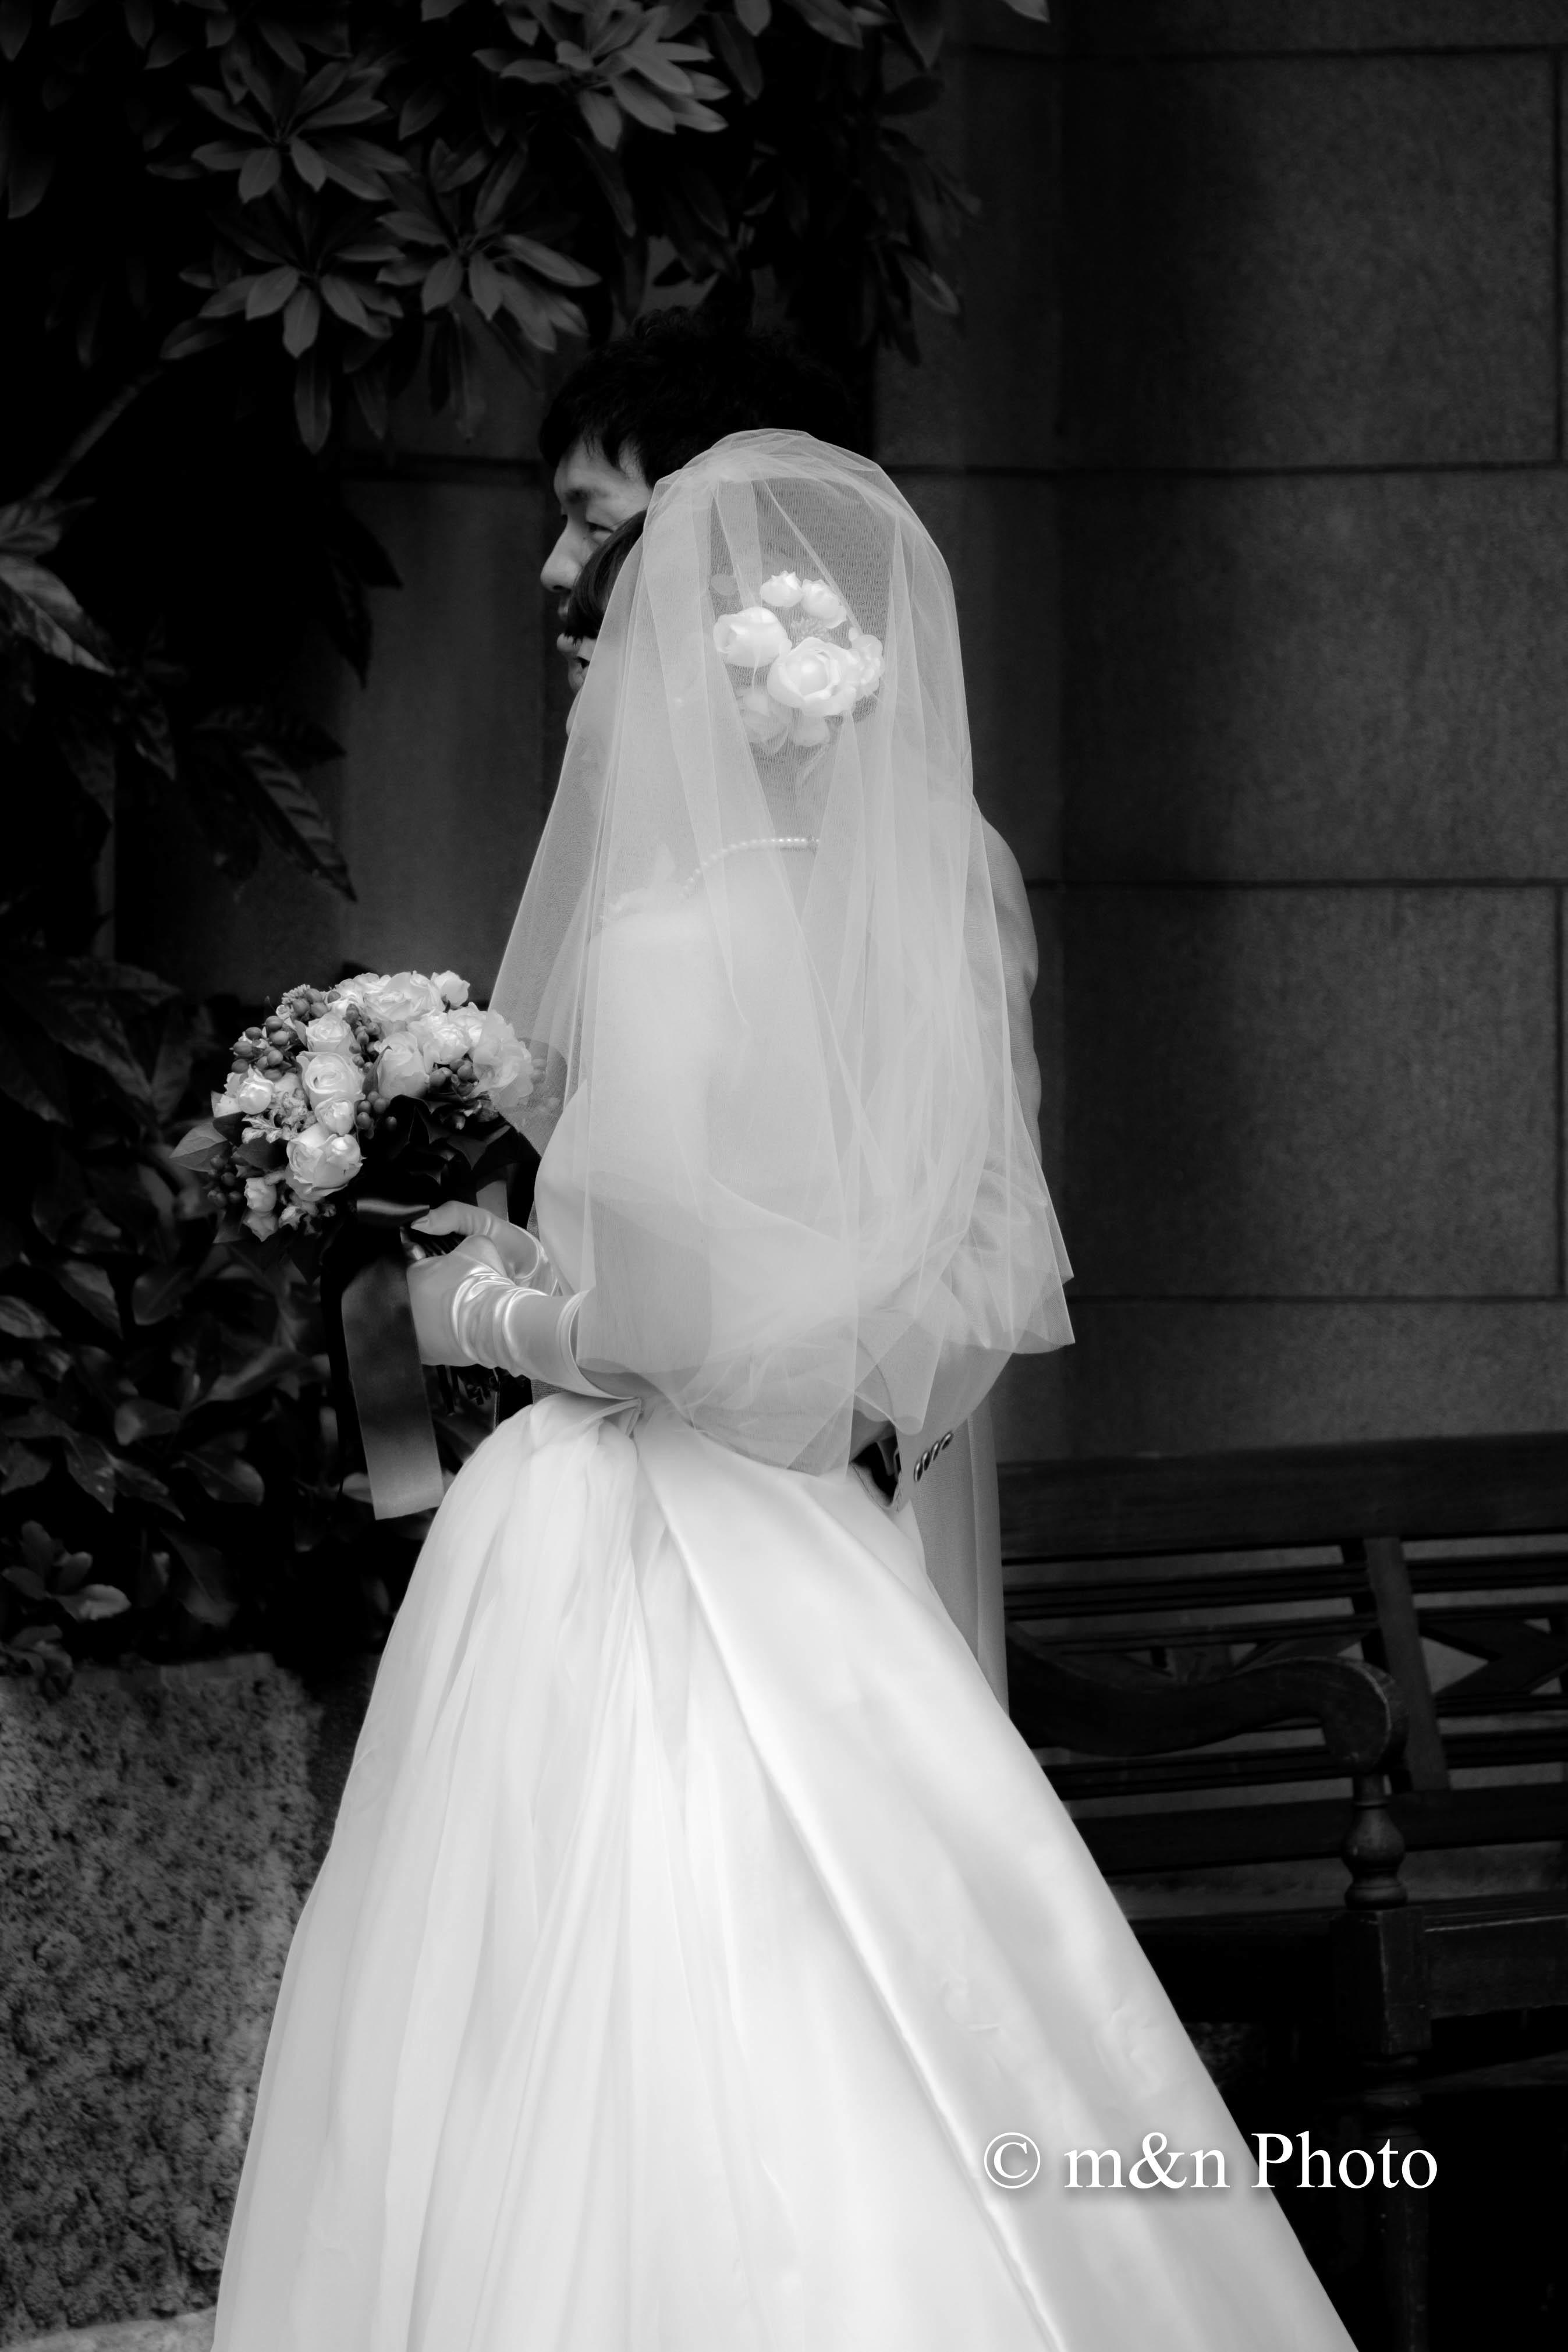 六月の花嫁_e0321360_22452708.jpg